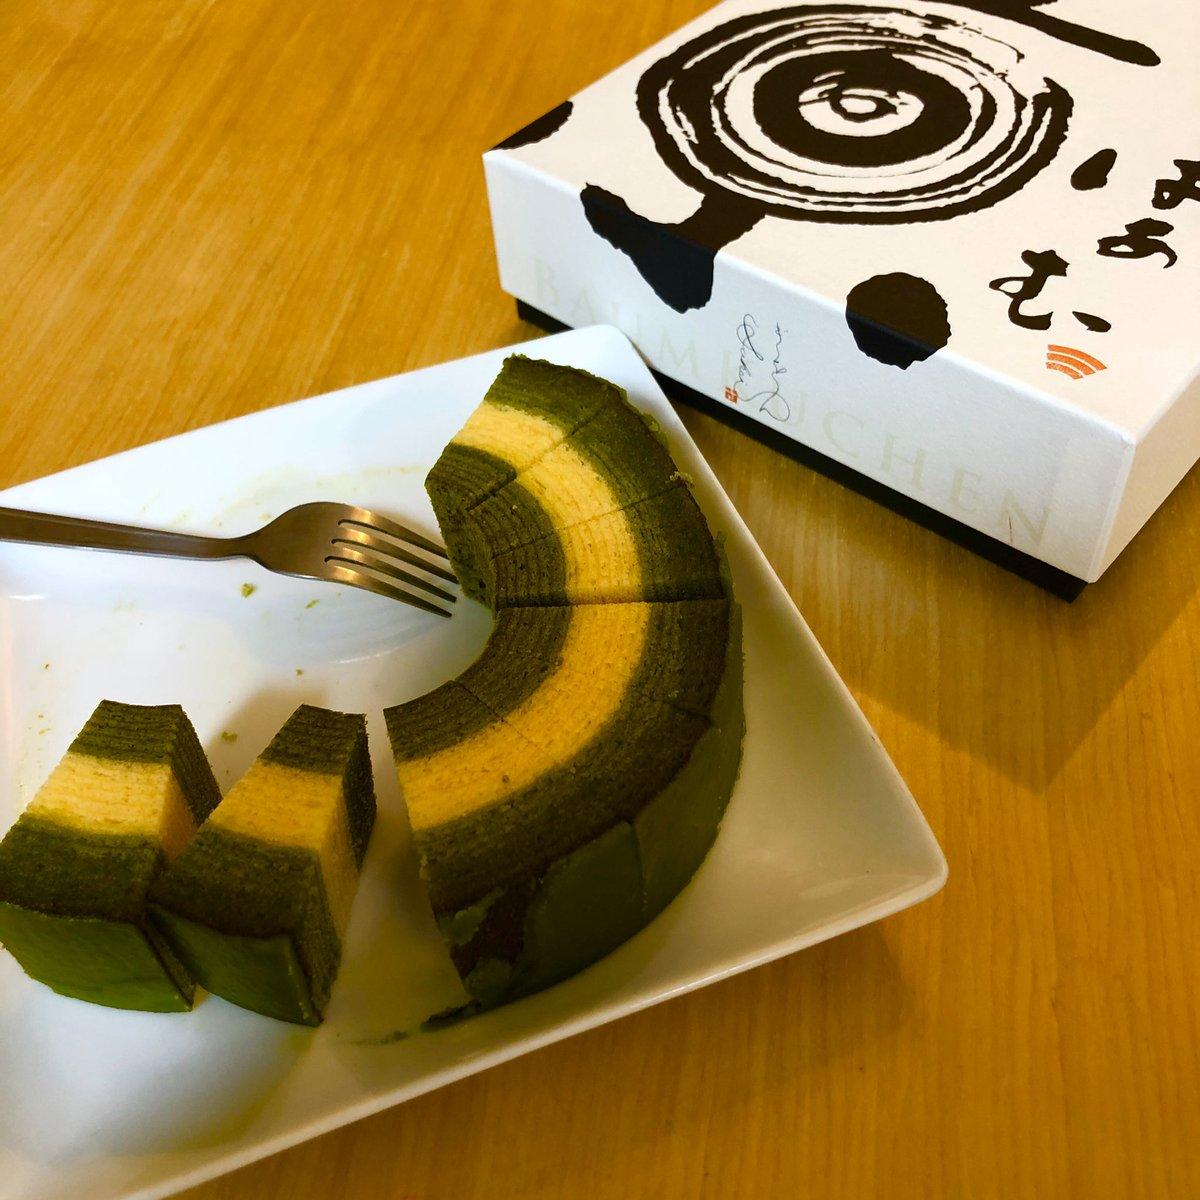 test ツイッターメディア - 京都で買ってきた「京ばあむ」おいしい。 https://t.co/lNM4FqfWiA